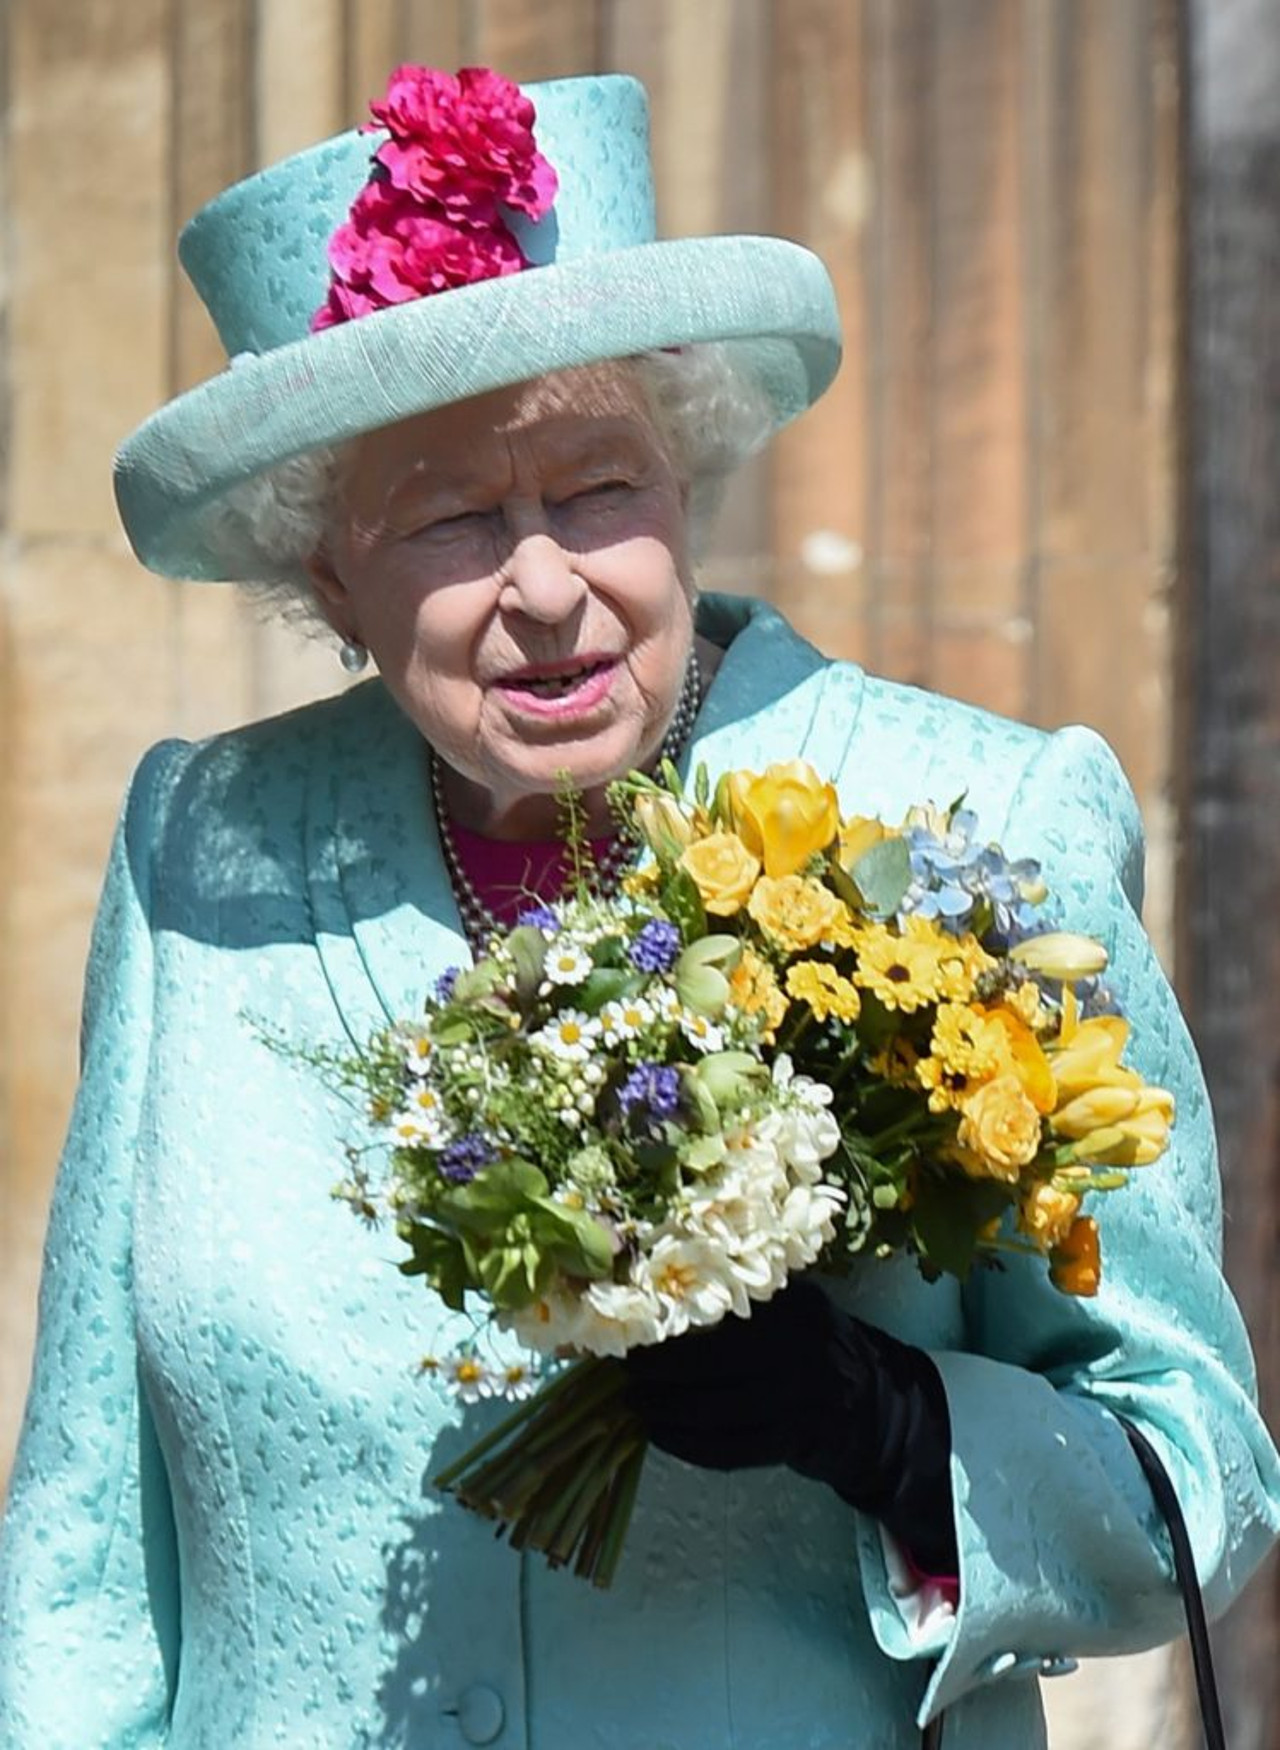 Królowa Elżbieta z bukietem kwiatów